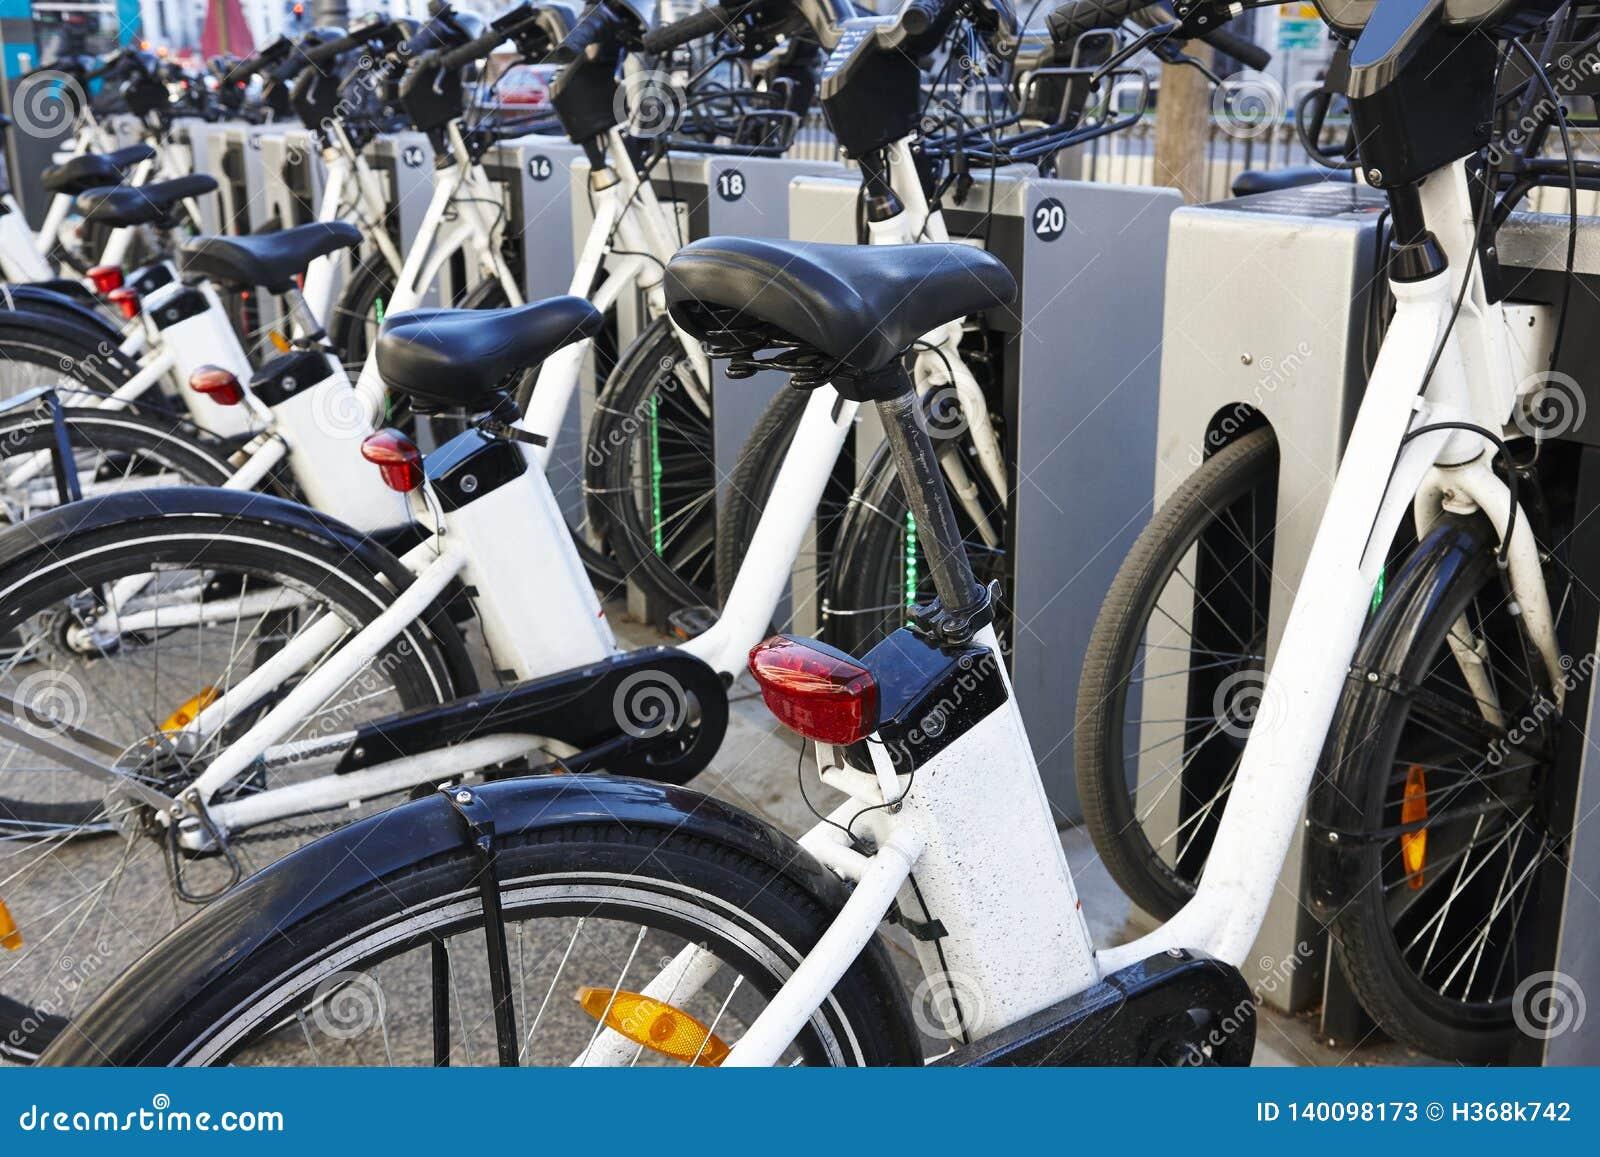 Bicicletas urbanas de carregamento da bateria elétrica na cidade mobilidade